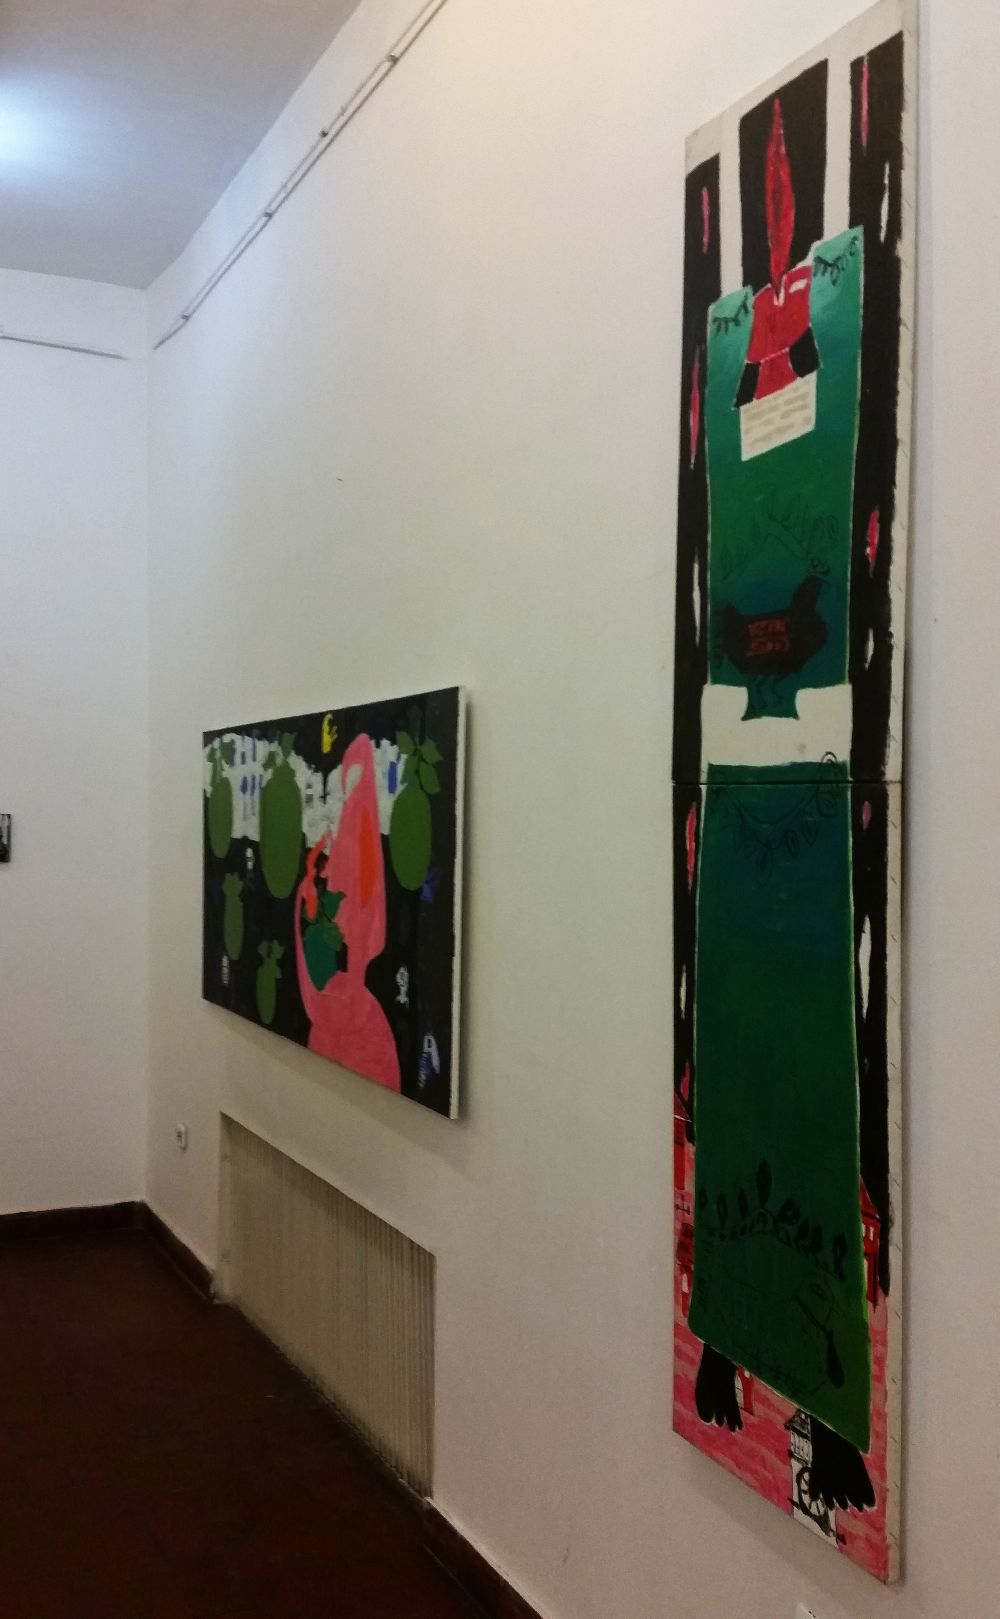 adelaparvu.com despre expozitie Orasul Aniei, artist Cristi Gaspar (10)